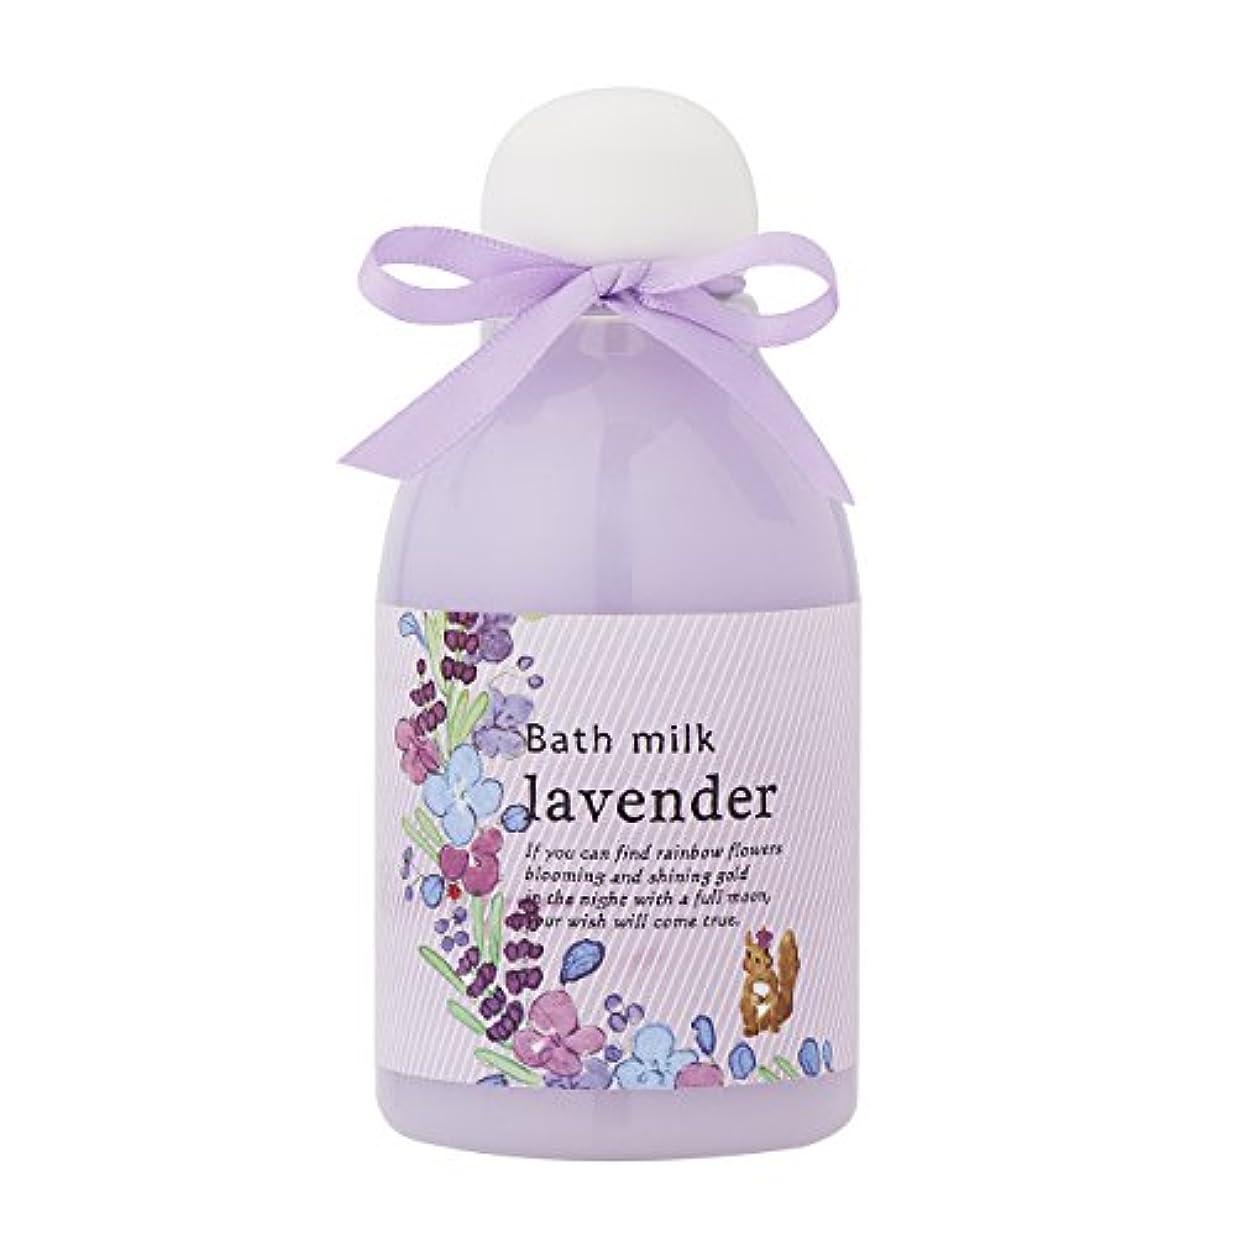 共産主義者アクチュエータ発表するサンハーブ バスミルク ラベンダー 200ml(バブルバスタイプ入浴料 泡風呂 ふわっと爽やかなラベンダーの香り)